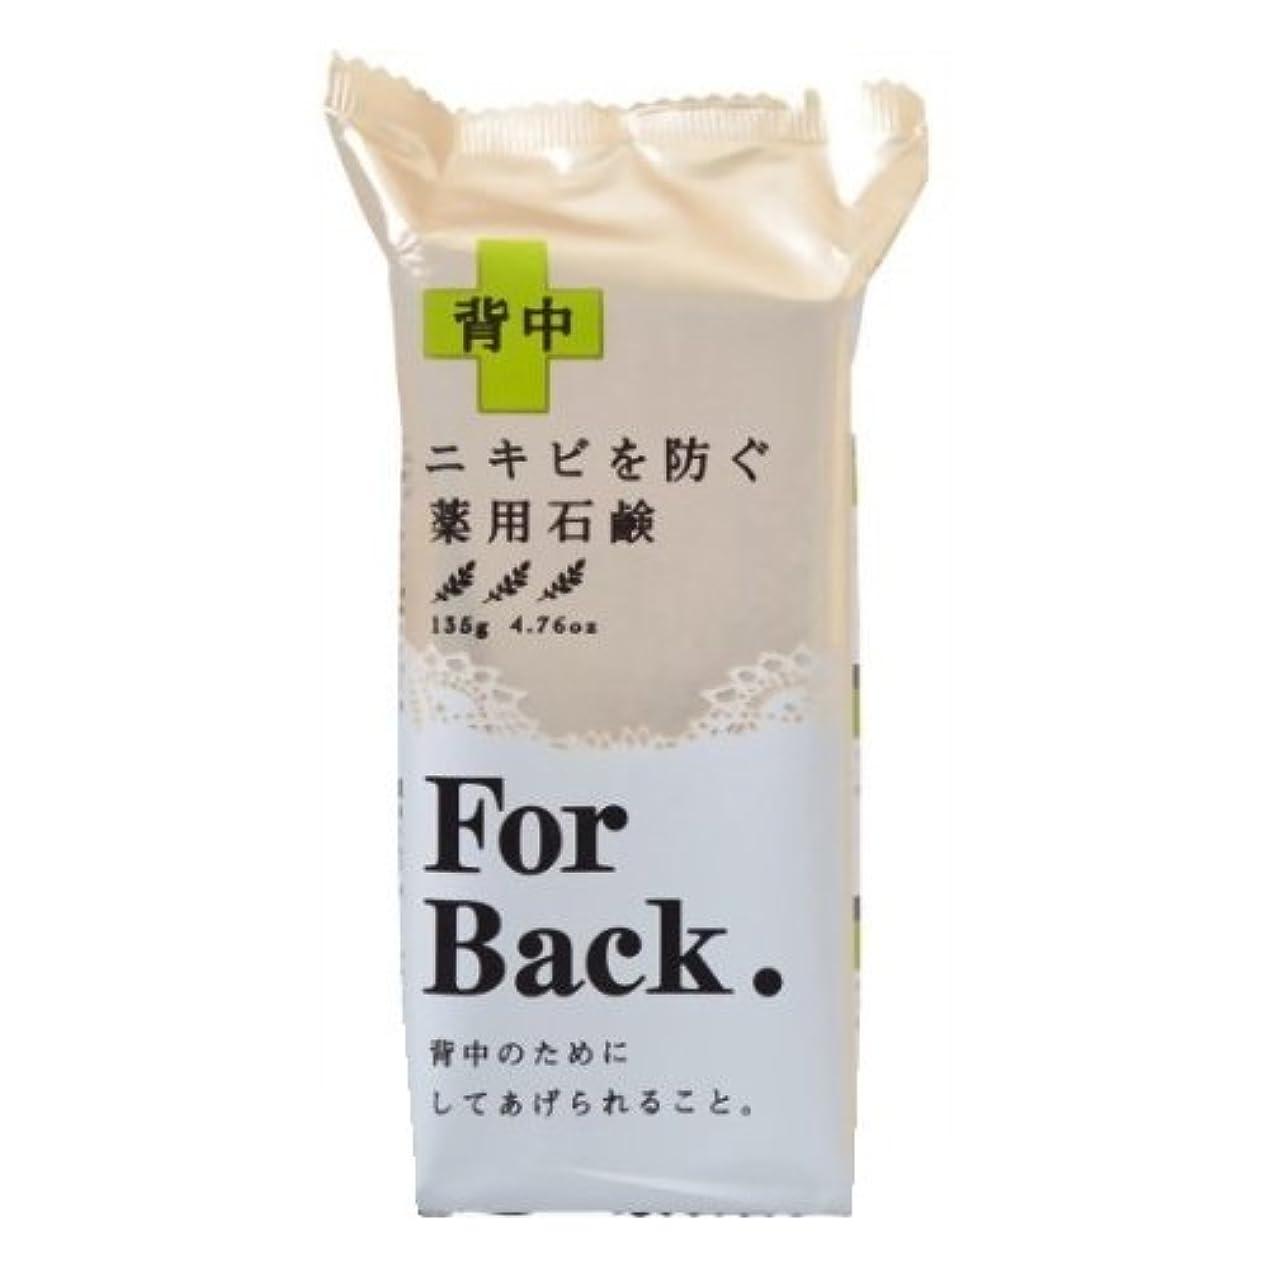 感覚バイパス陰気薬用石鹸ForBack 135g